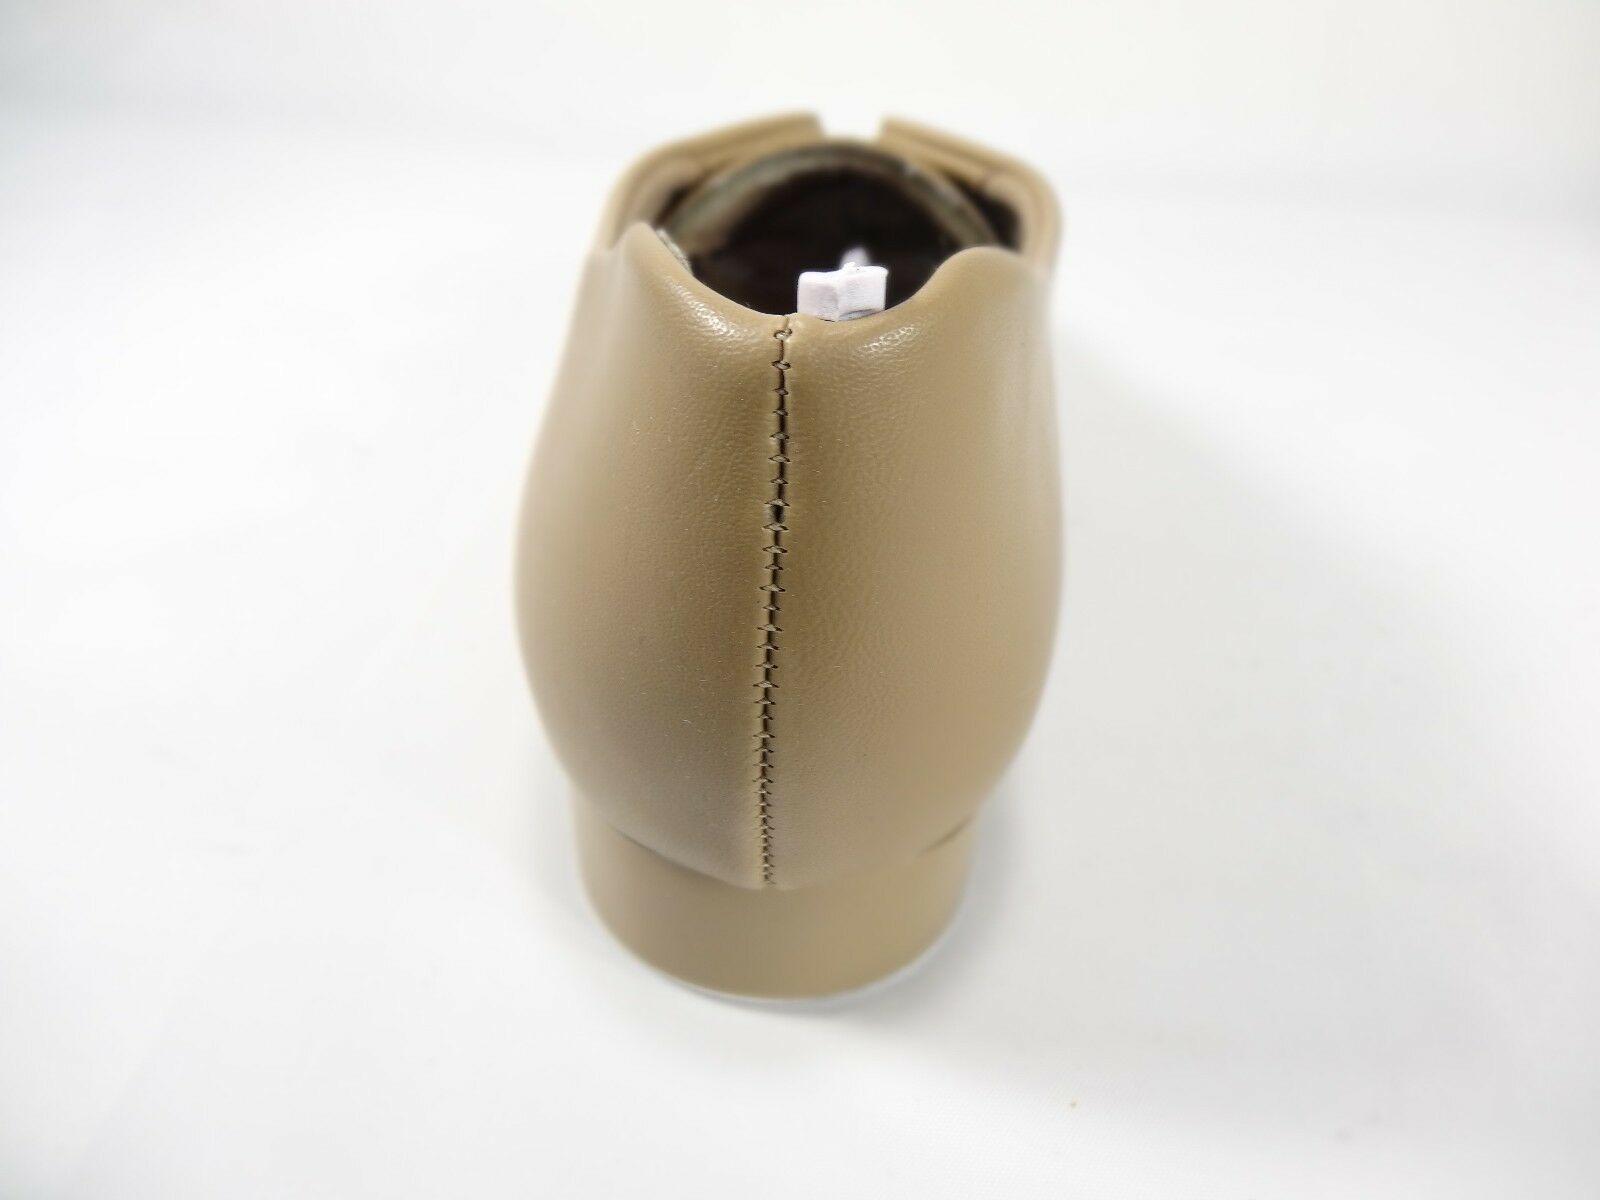 Capezio Tele Tone Jr Tap Dance Shoes Size 9.5.M G8  Style #442